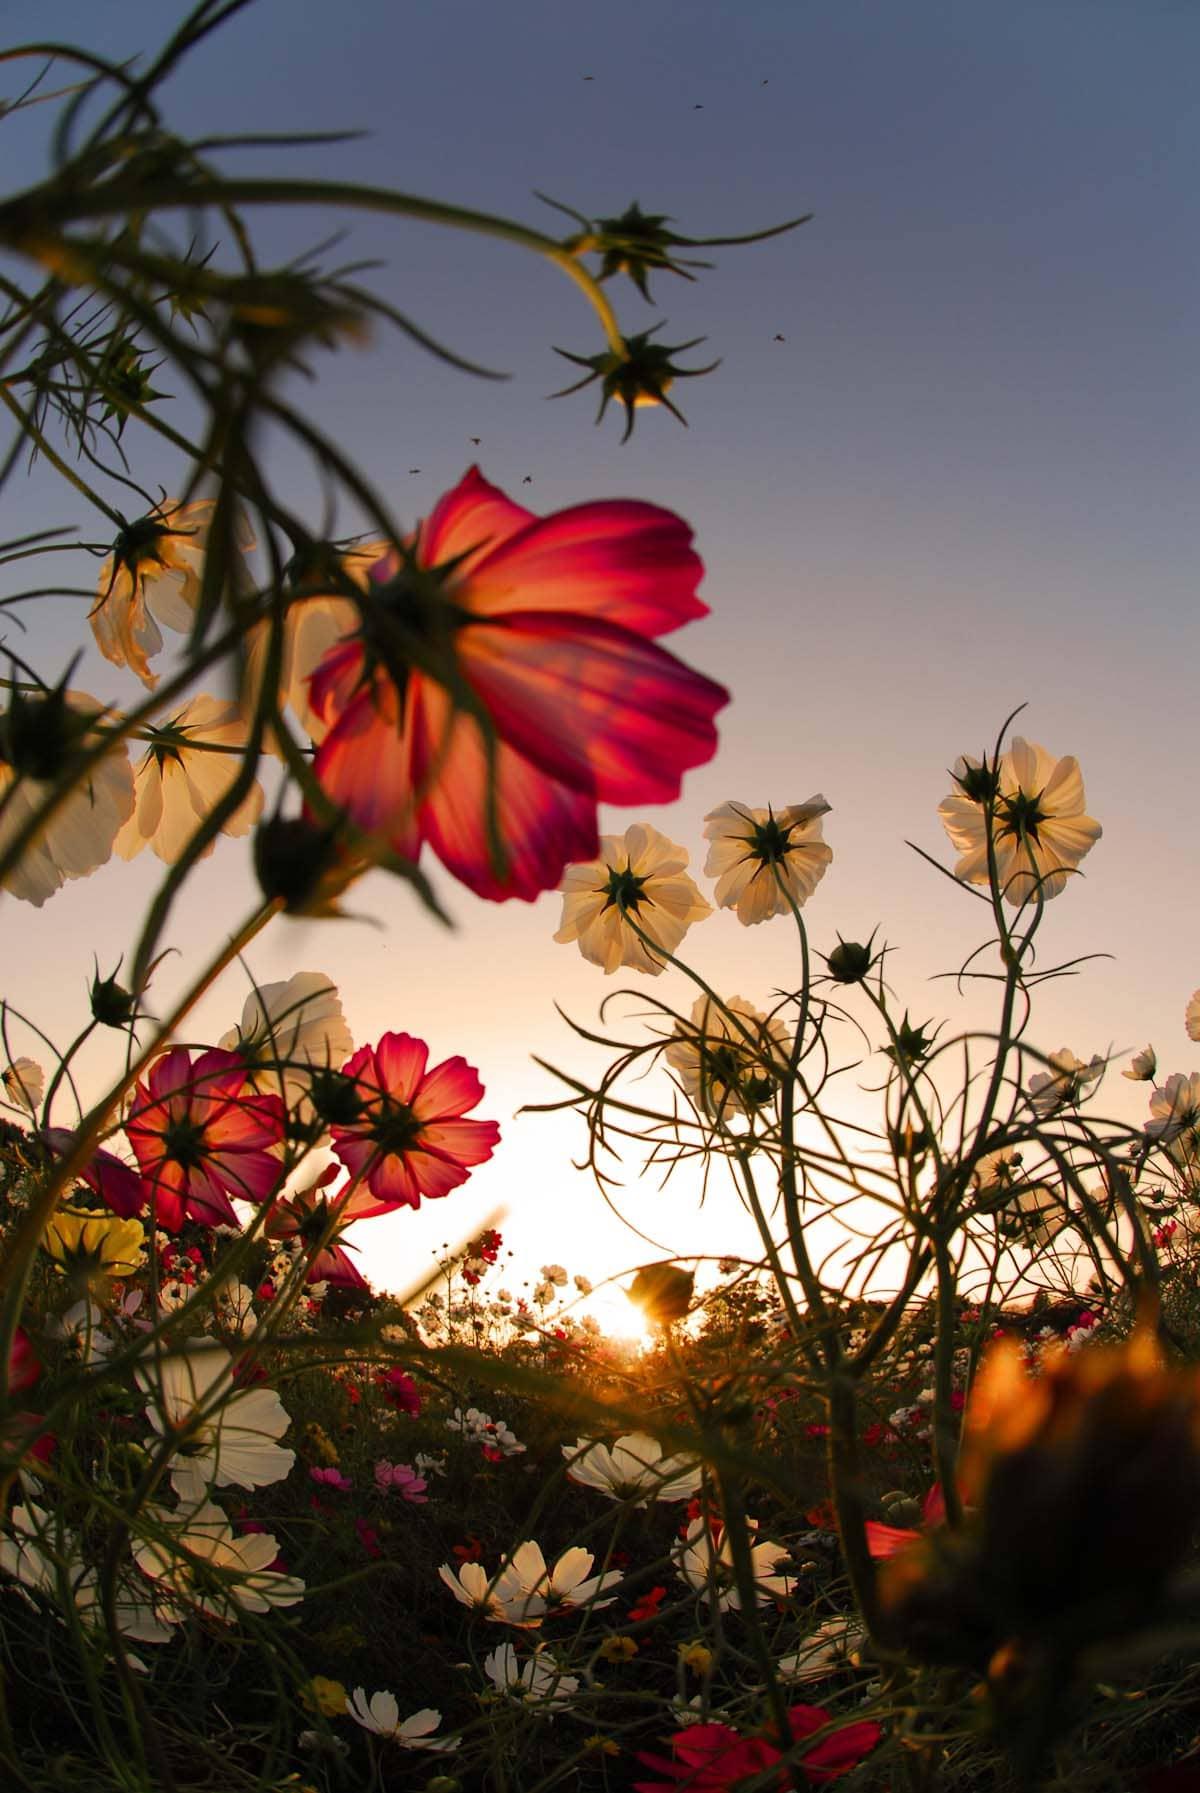 夕日に照らされたコスモスの花